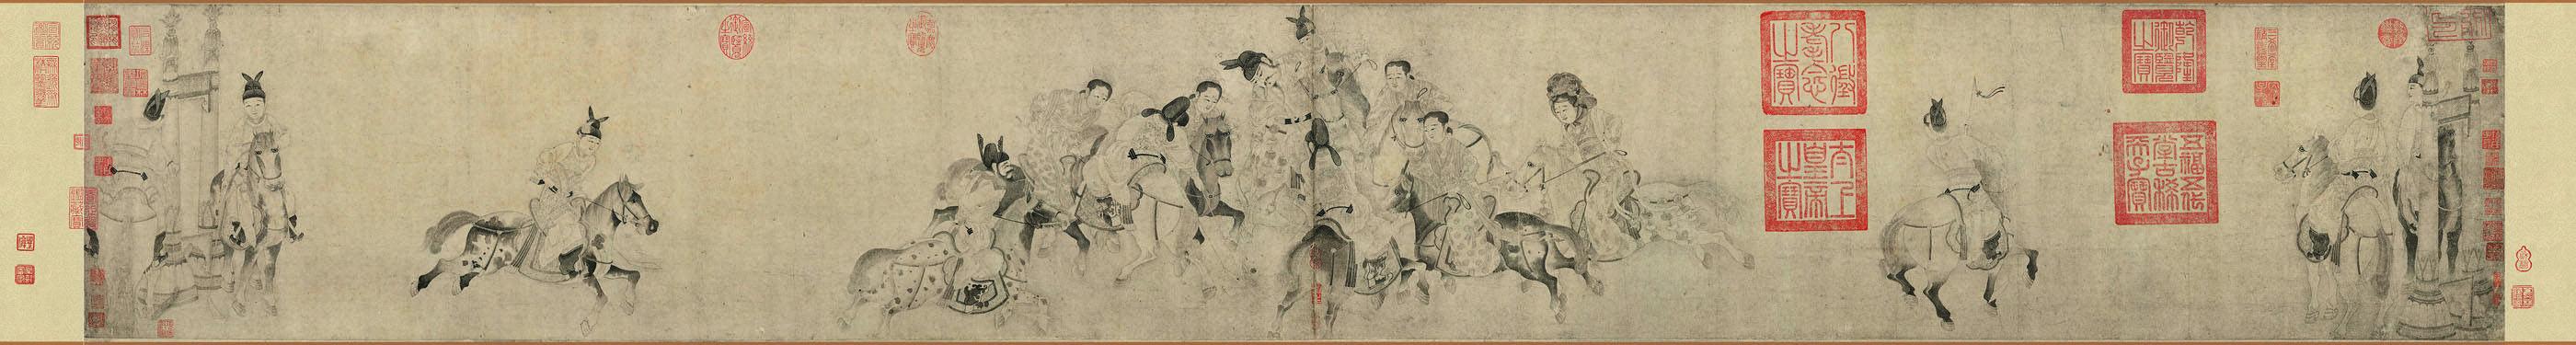 中国传世名画◆长卷‖李公麟(传)《明皇击球图卷》|欧洲杯足彩